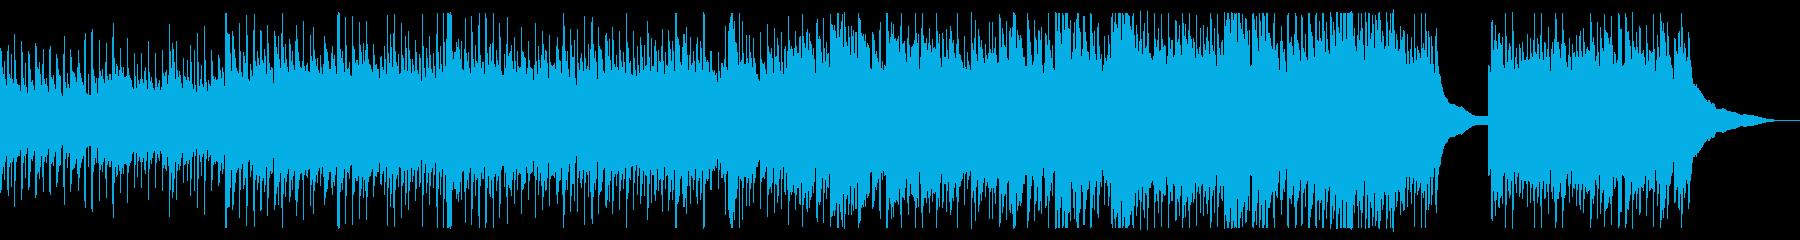 企業PVアコースティックBGMの再生済みの波形